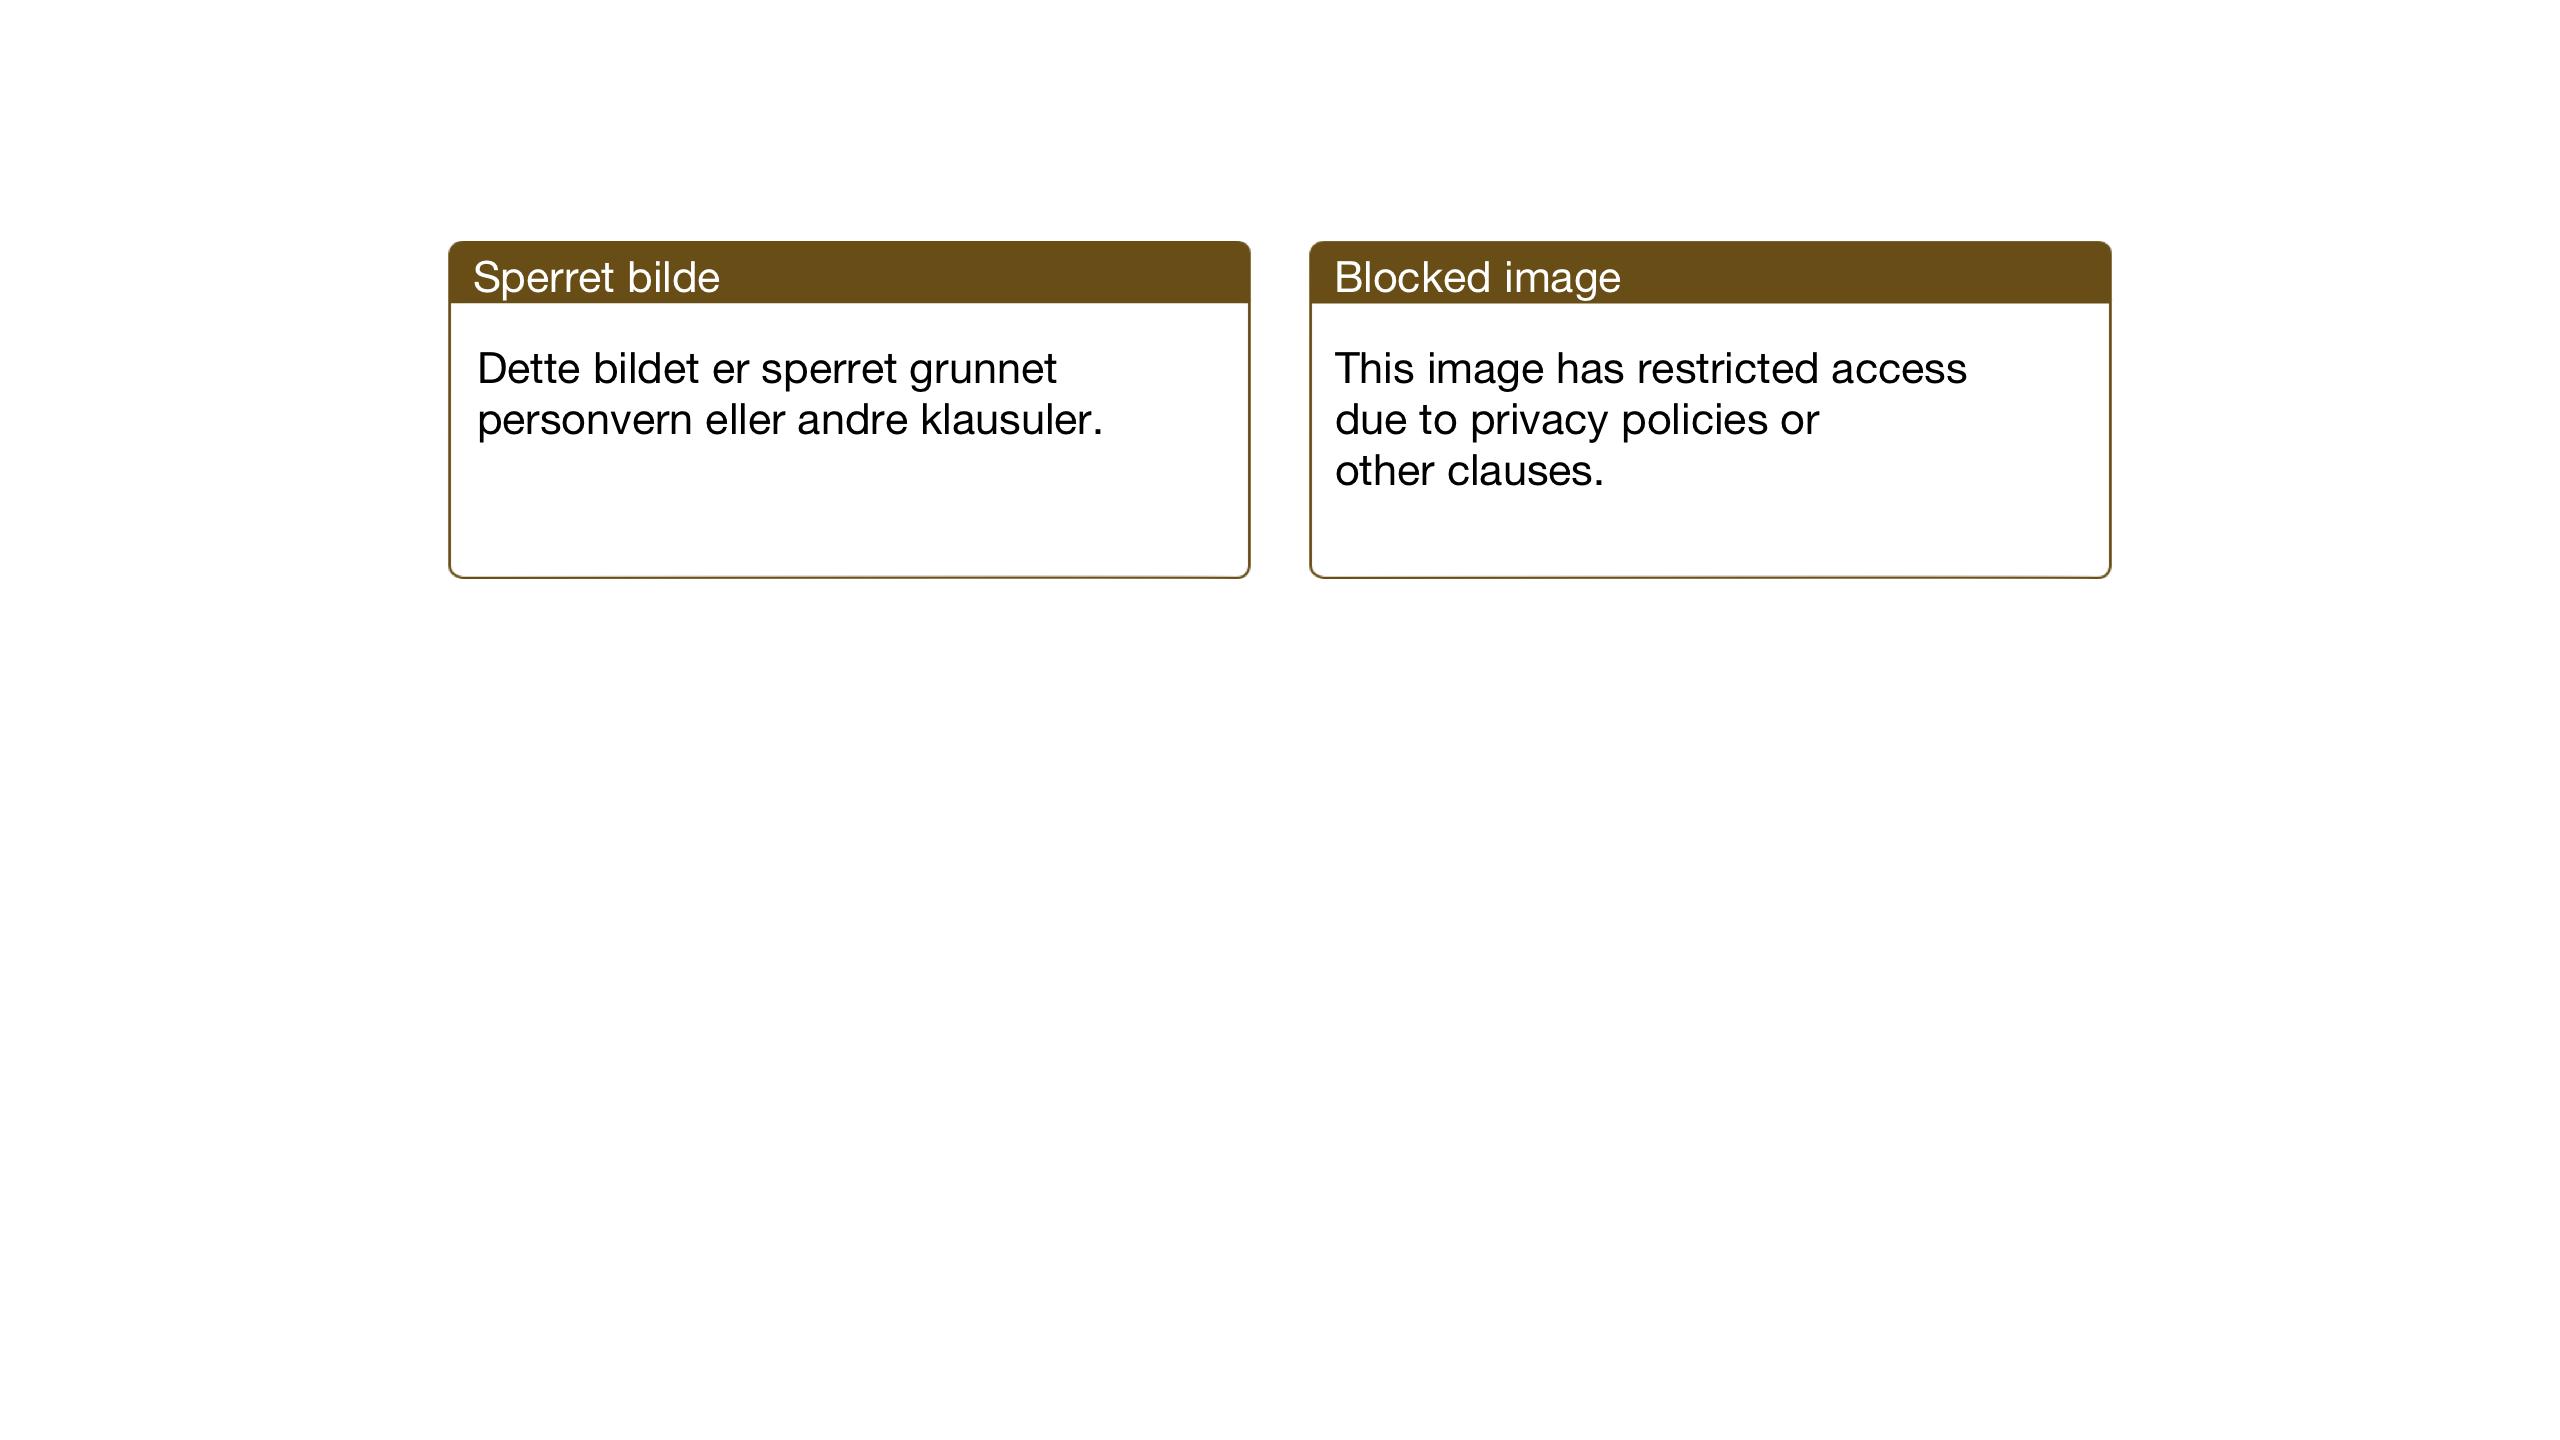 SAT, Ministerialprotokoller, klokkerbøker og fødselsregistre - Sør-Trøndelag, 608/L0342: Klokkerbok nr. 608C08, 1912-1938, s. 42